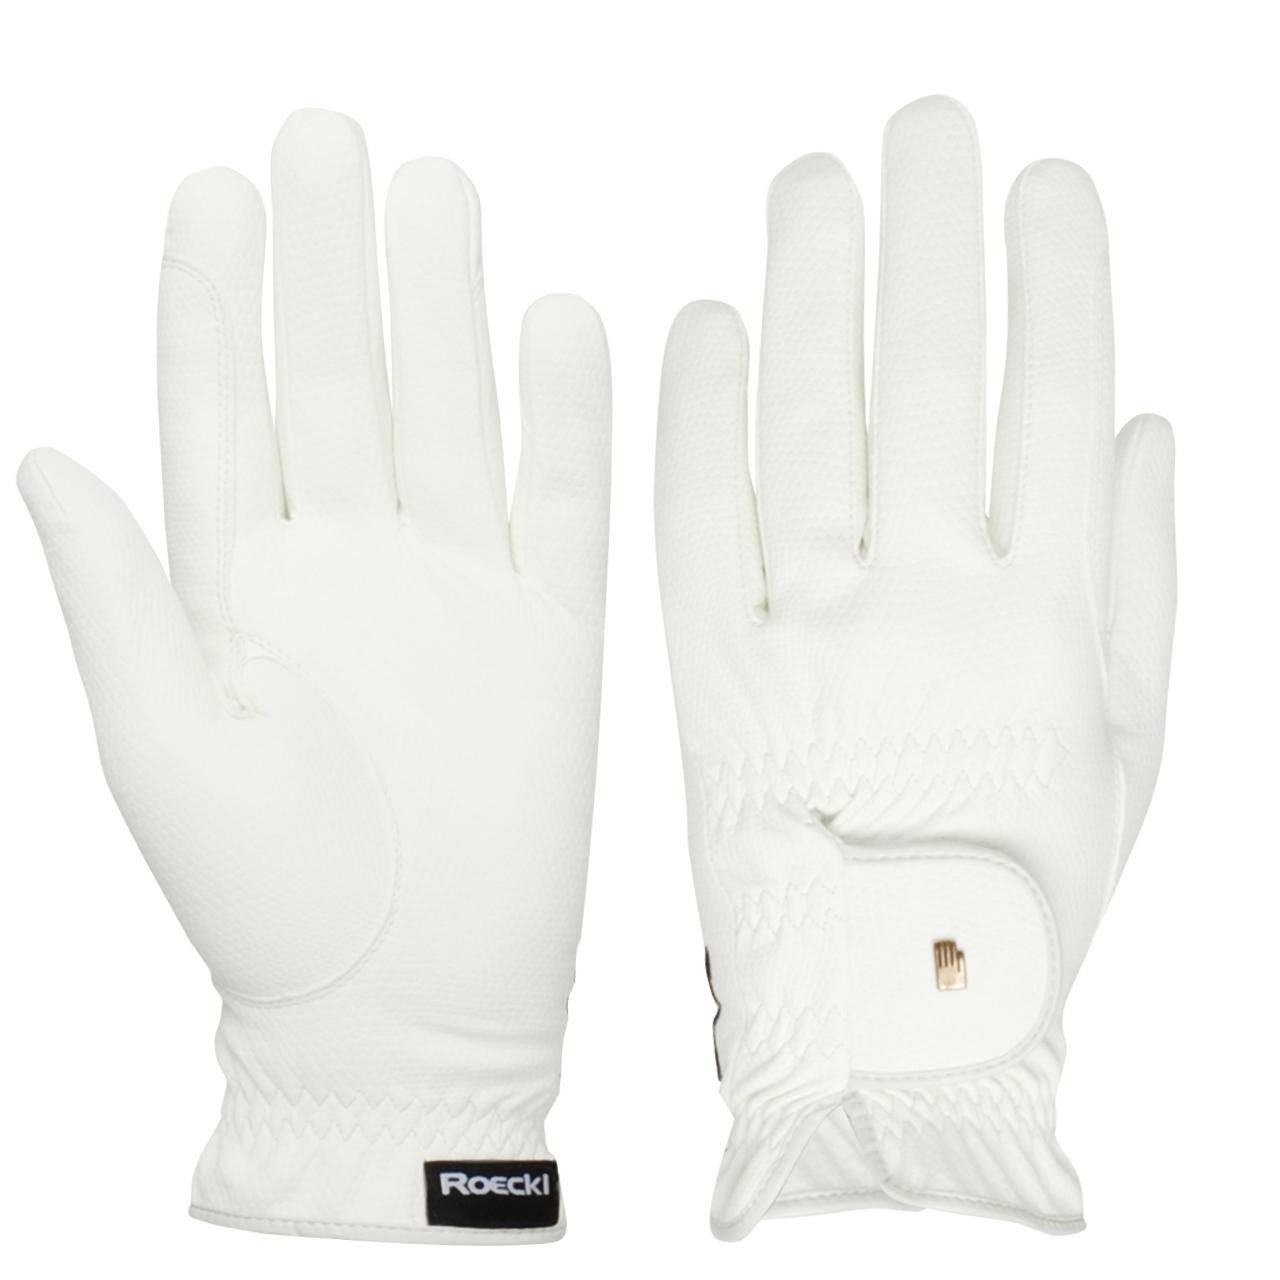 Roeckl Roeck grip Handschoen wit maat:10